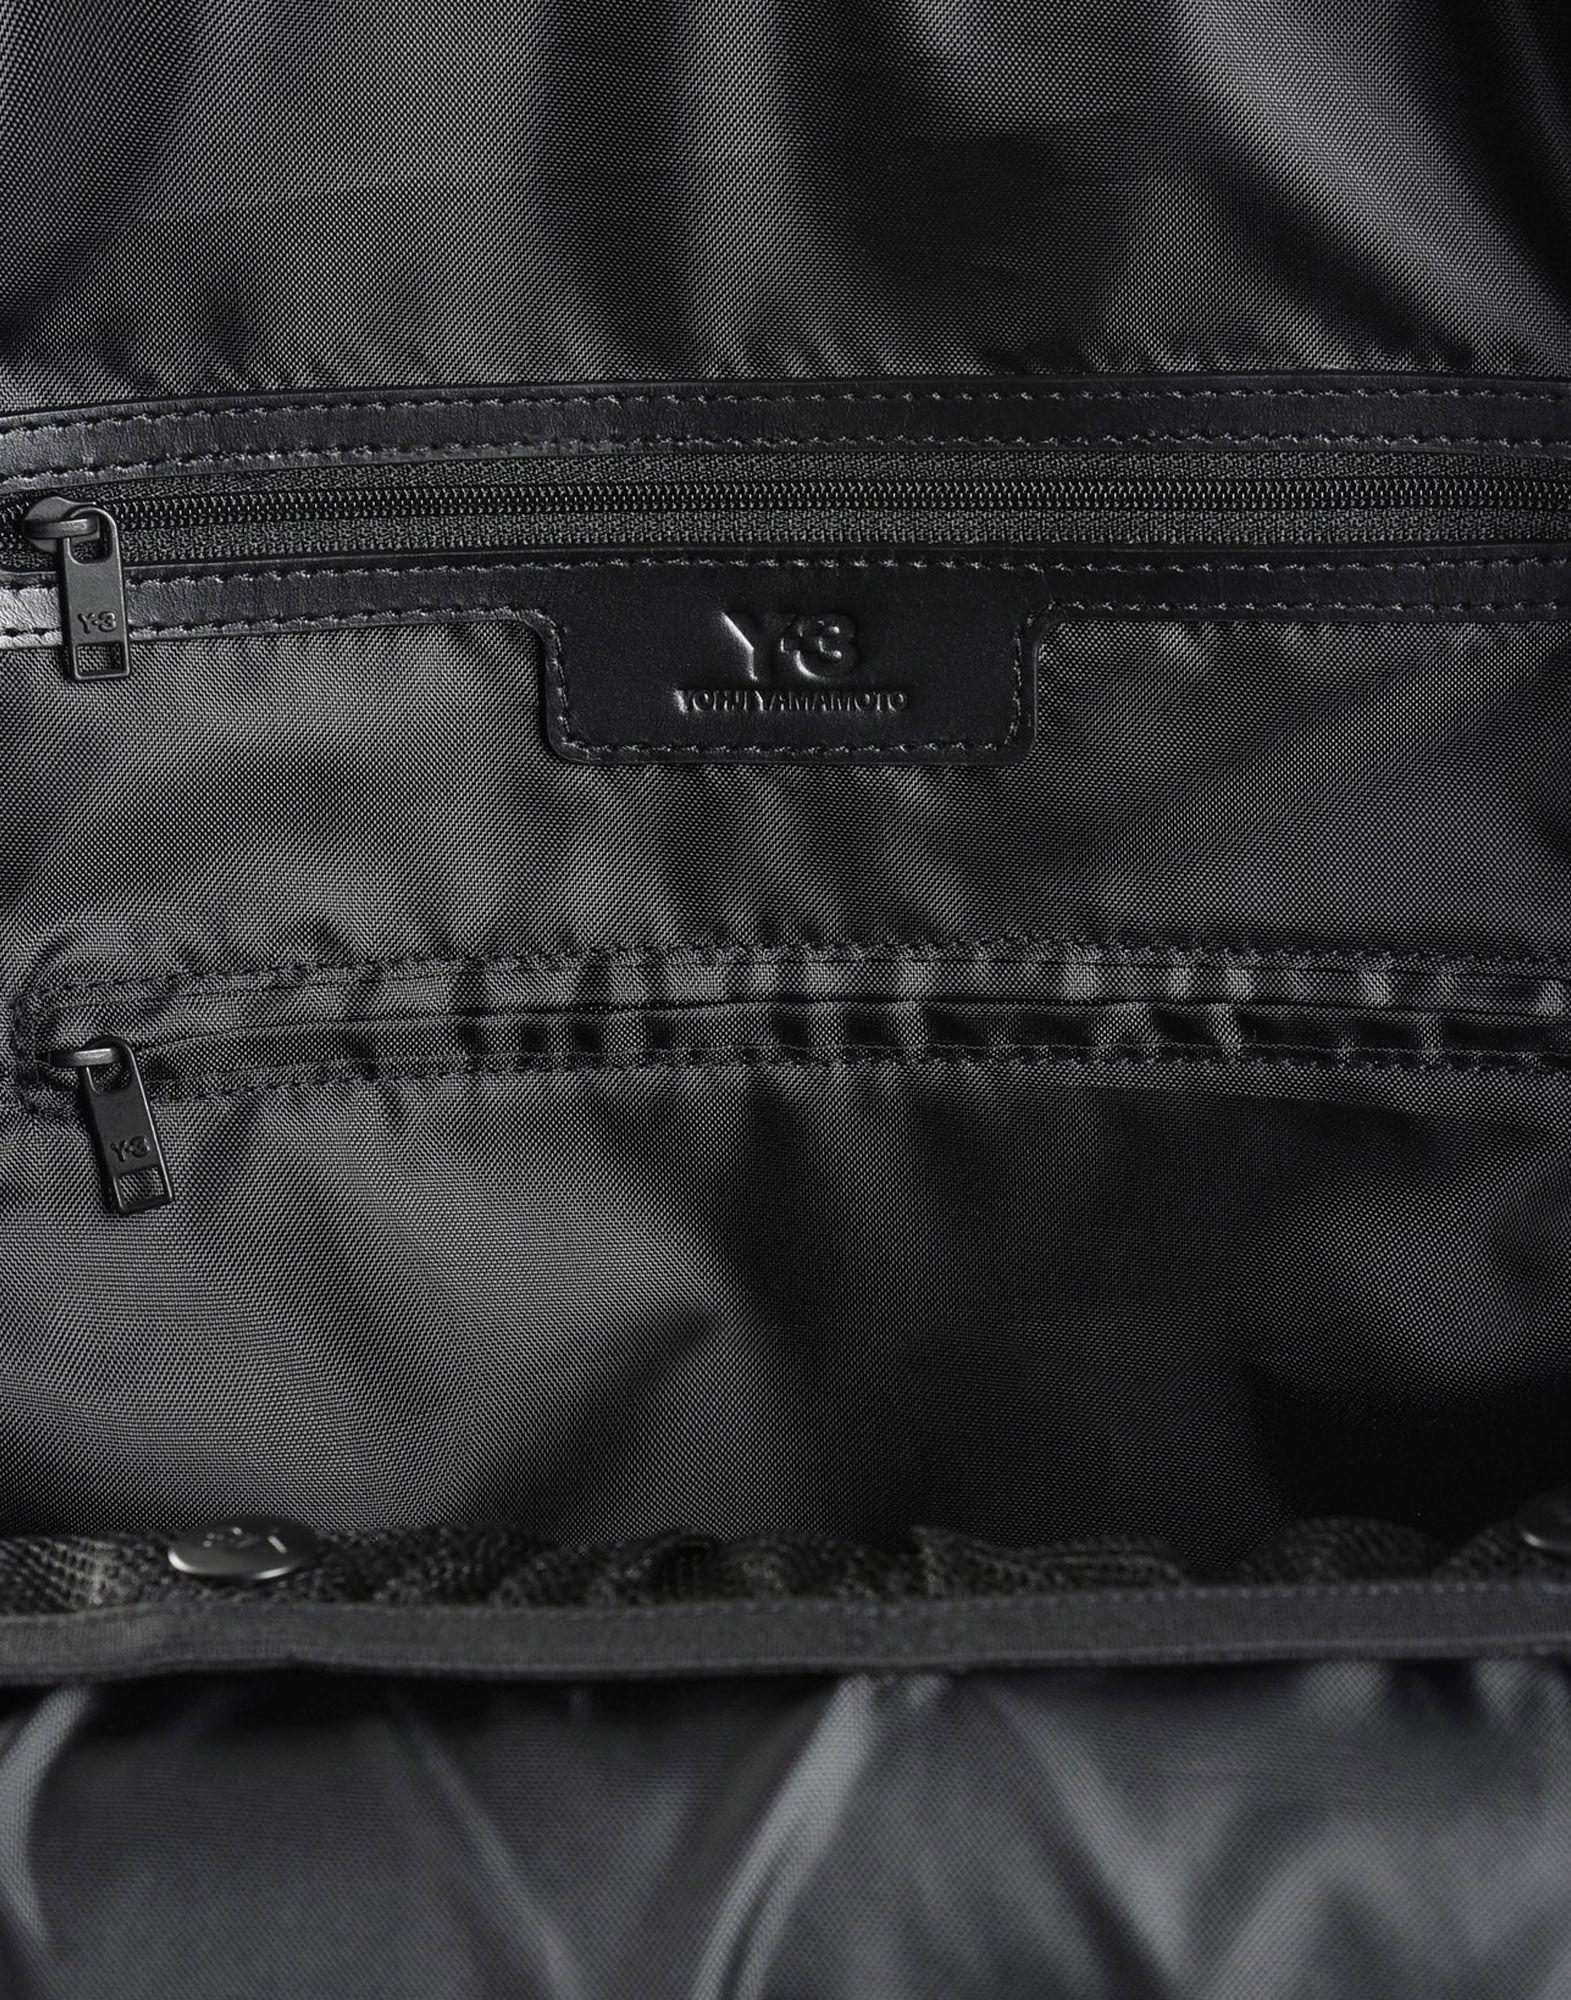 Y-3 ULTRATECH BAG BAGS unisex Y-3 adidas